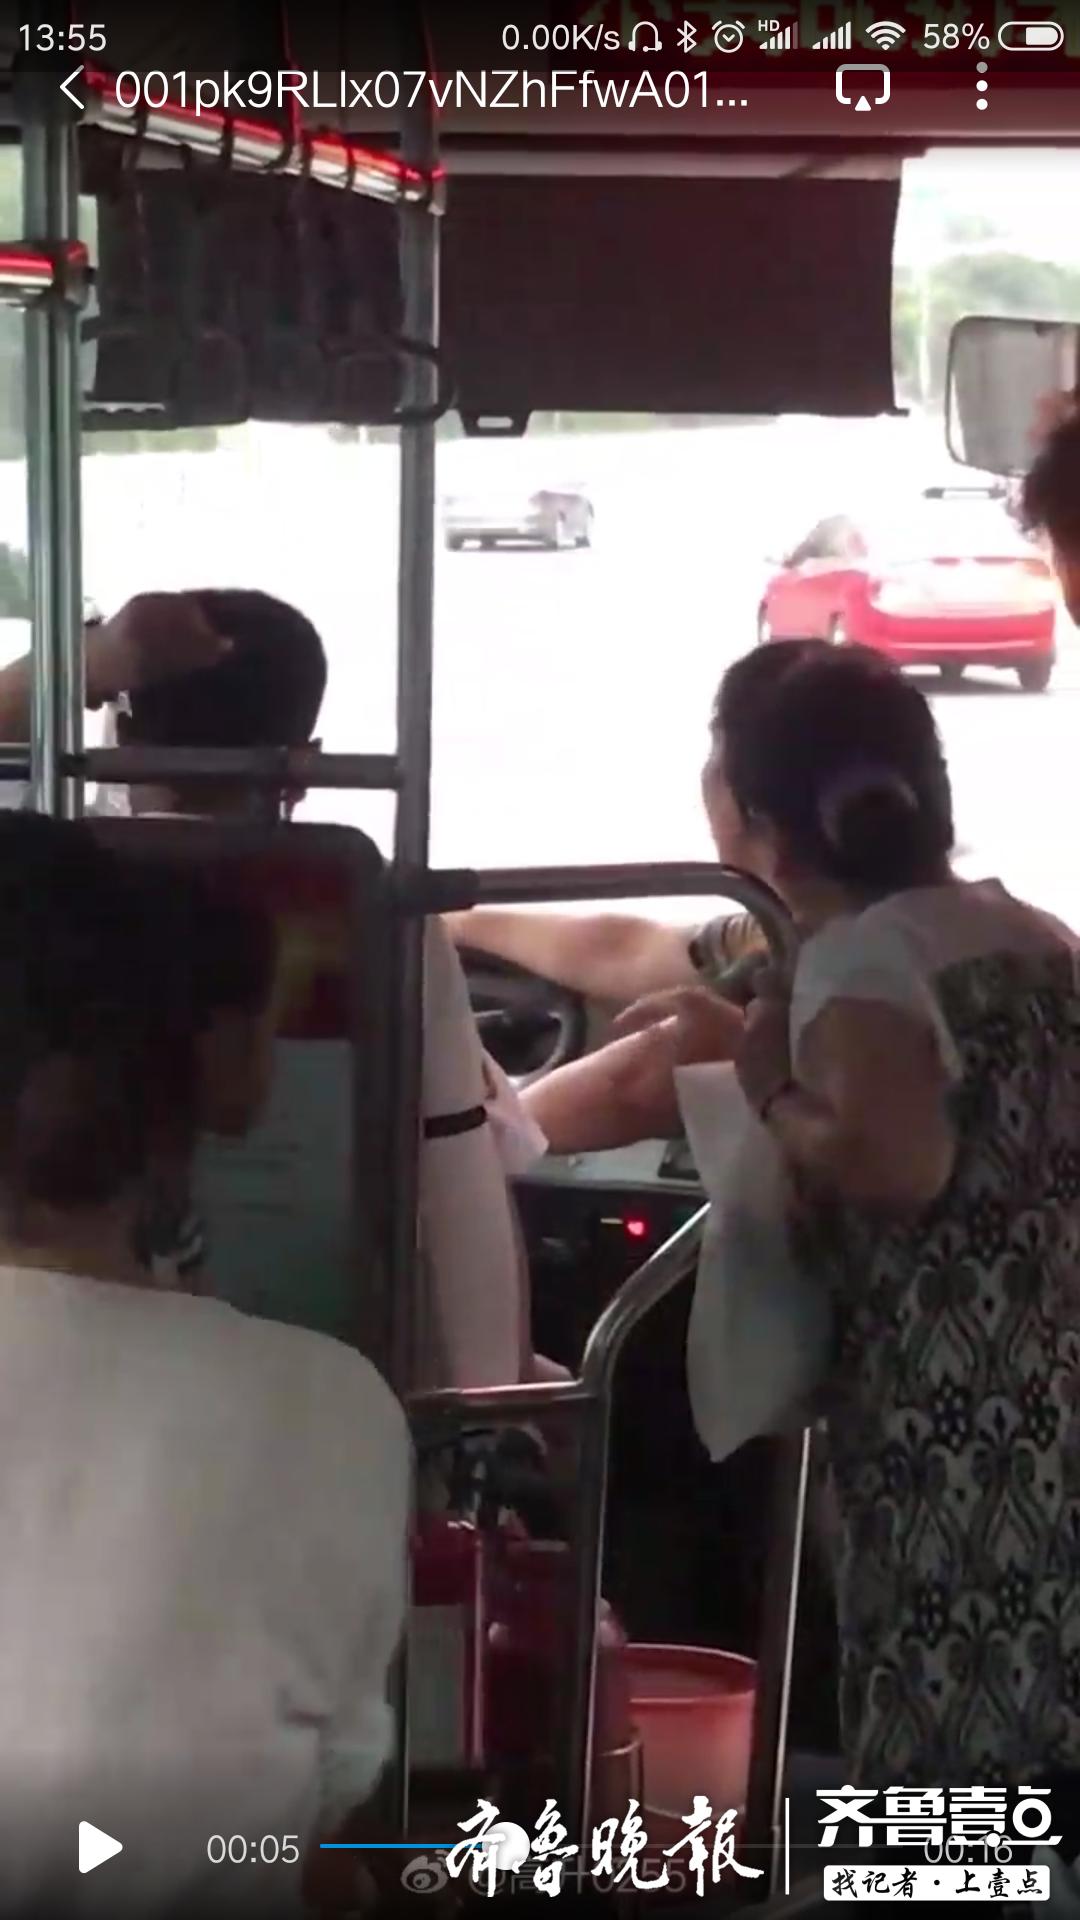 泰安:9路公交车停靠站牌,一女士上车攥住方向盘